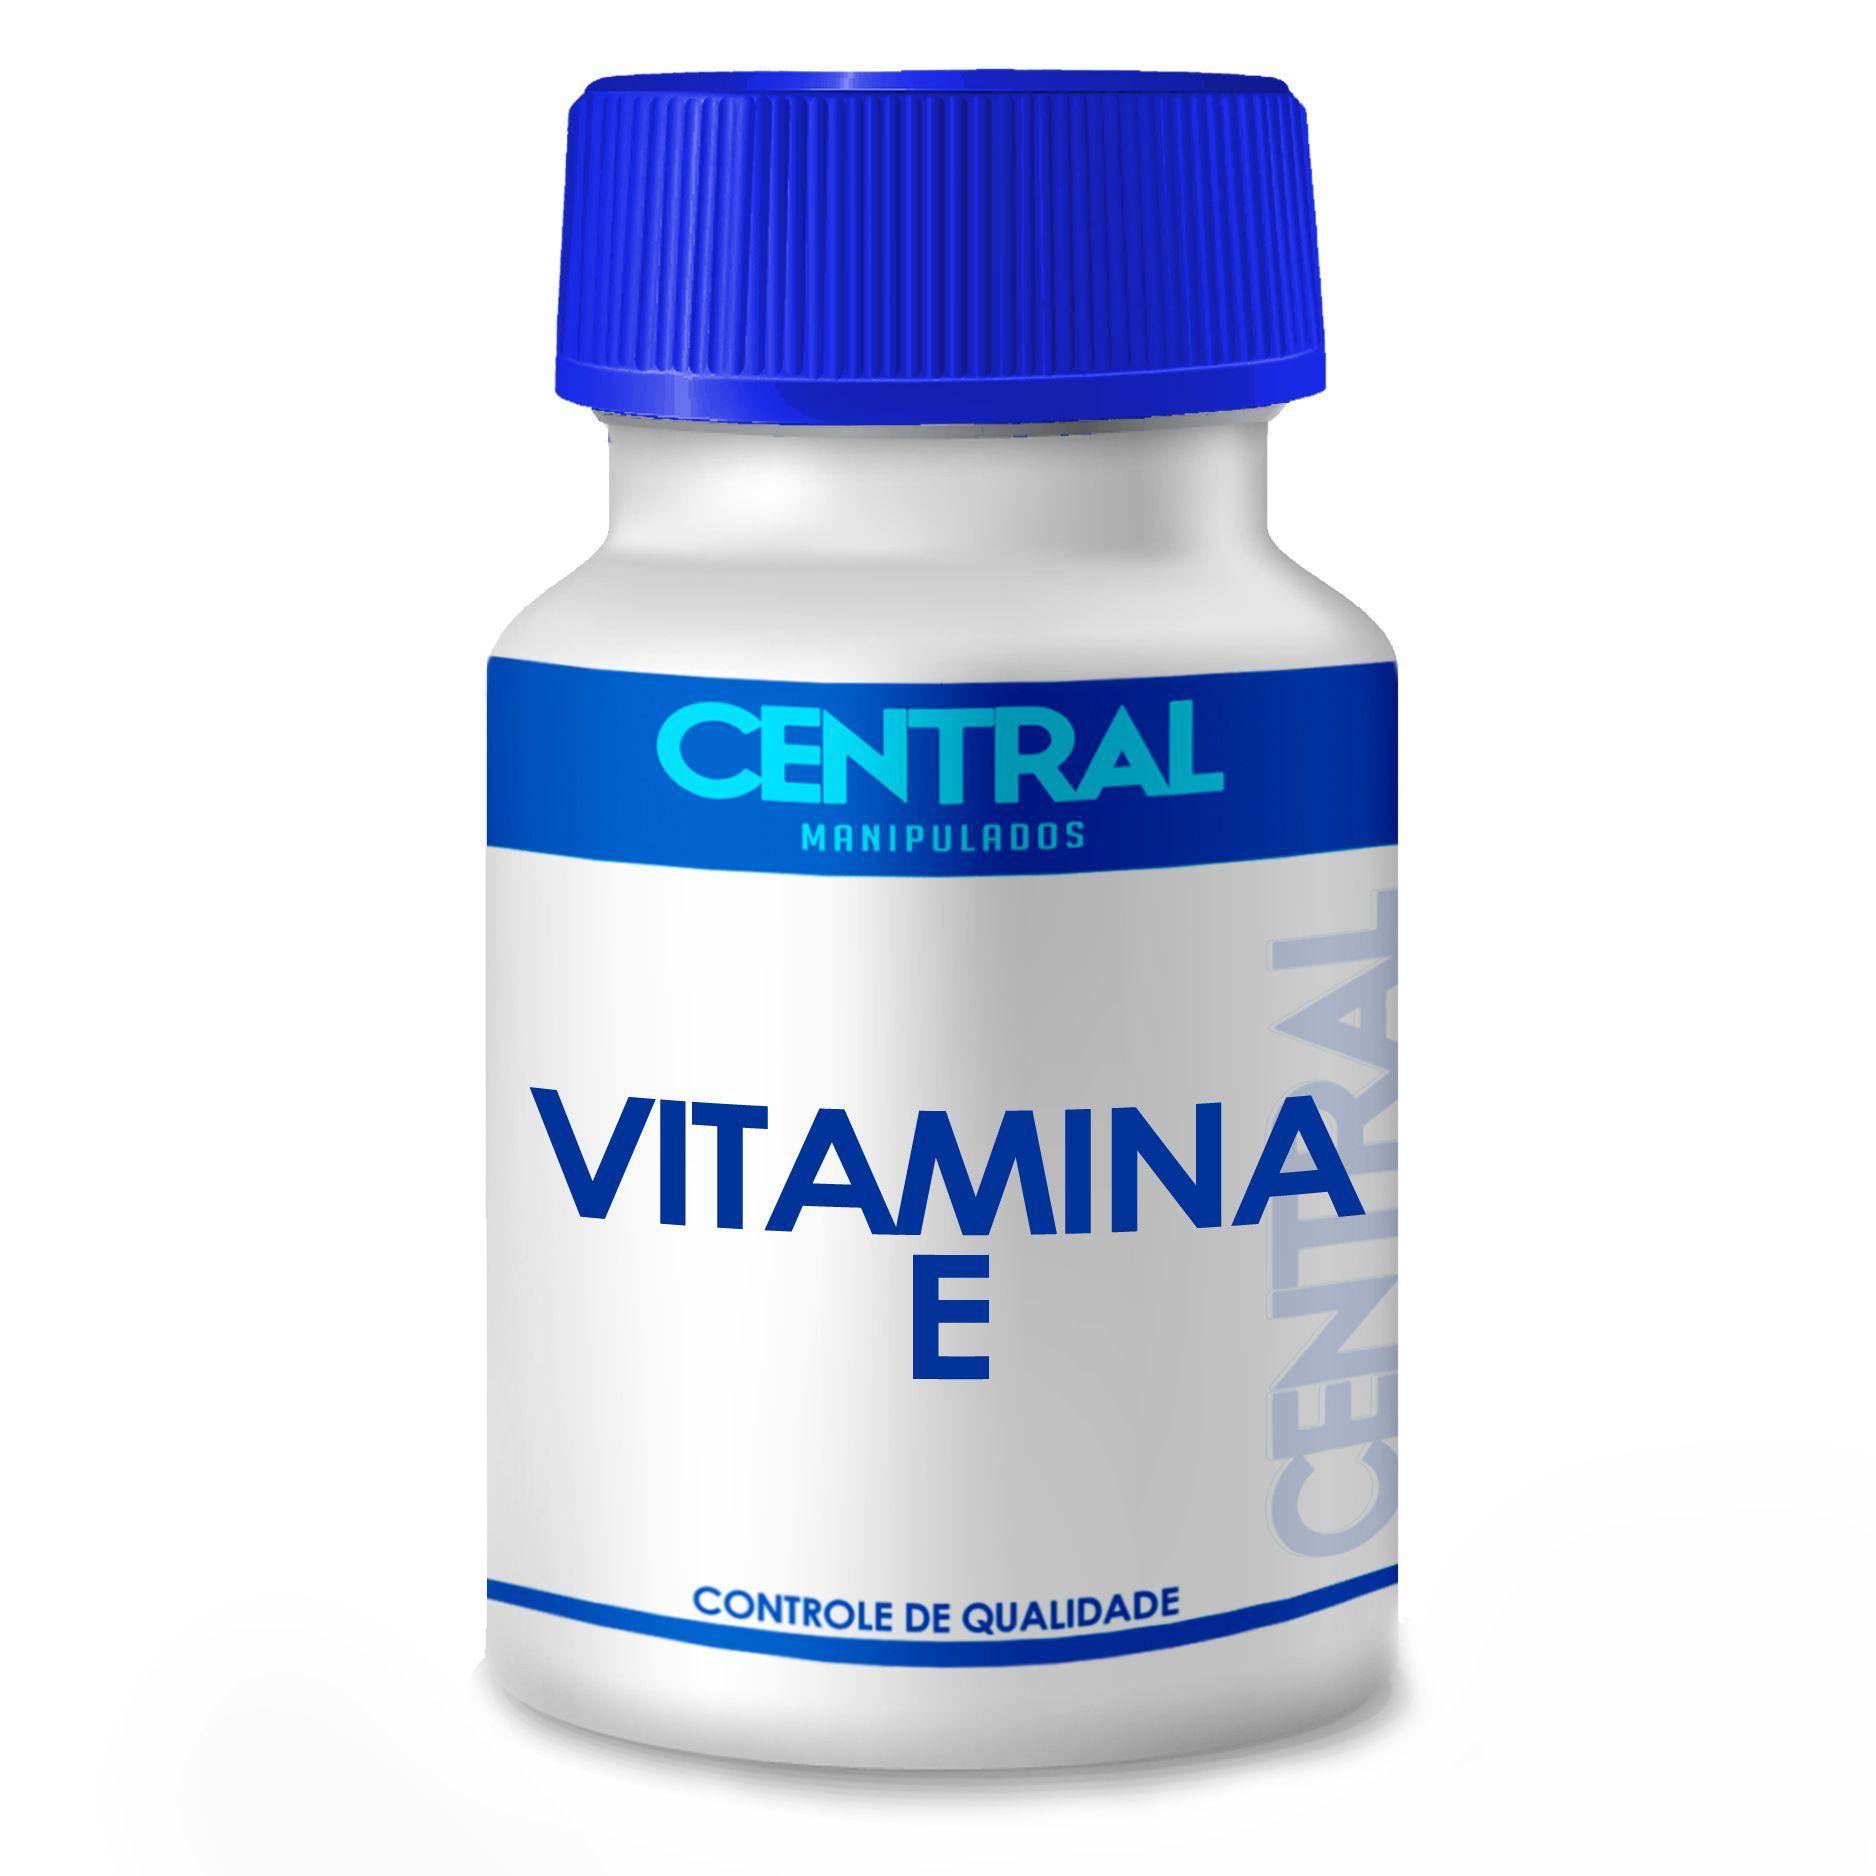 Vitamina E - Poderoso Antioxidante - 400 UI - 60 cápsulas